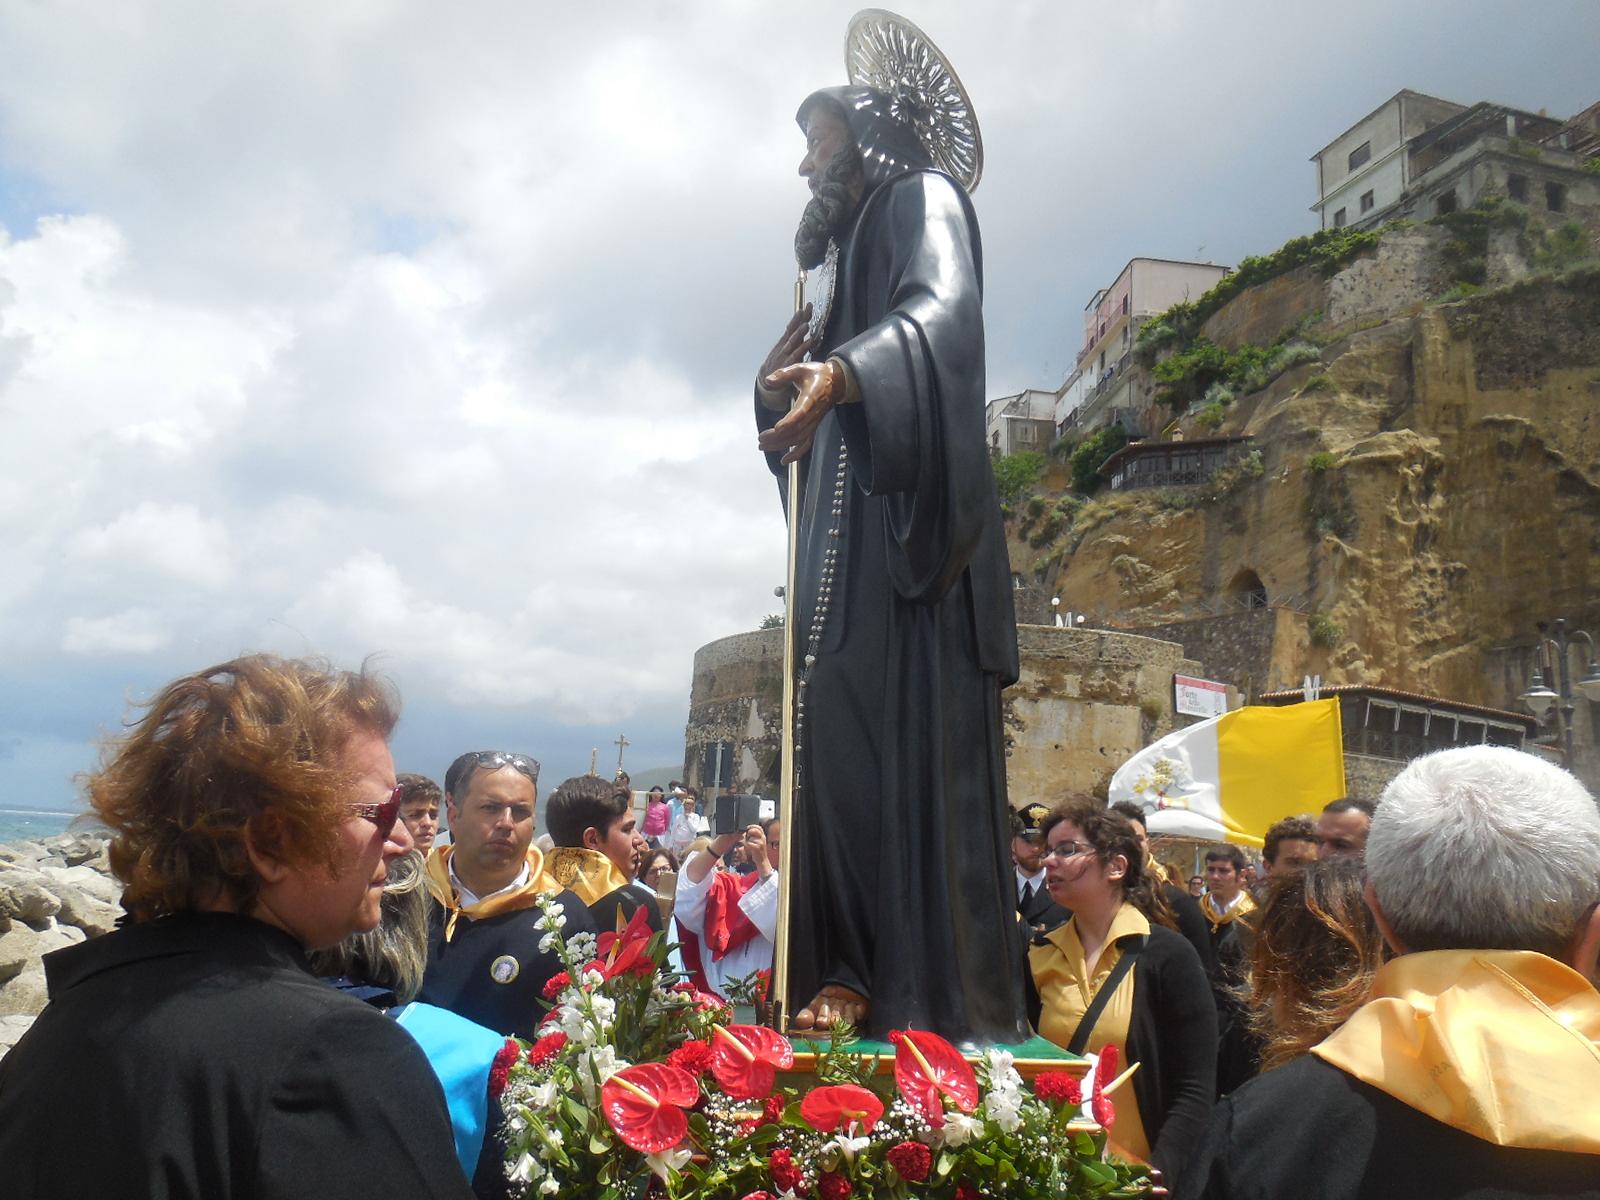 Solennità del Santo di Paola – Processione per le vie del centro storico di Pizzo